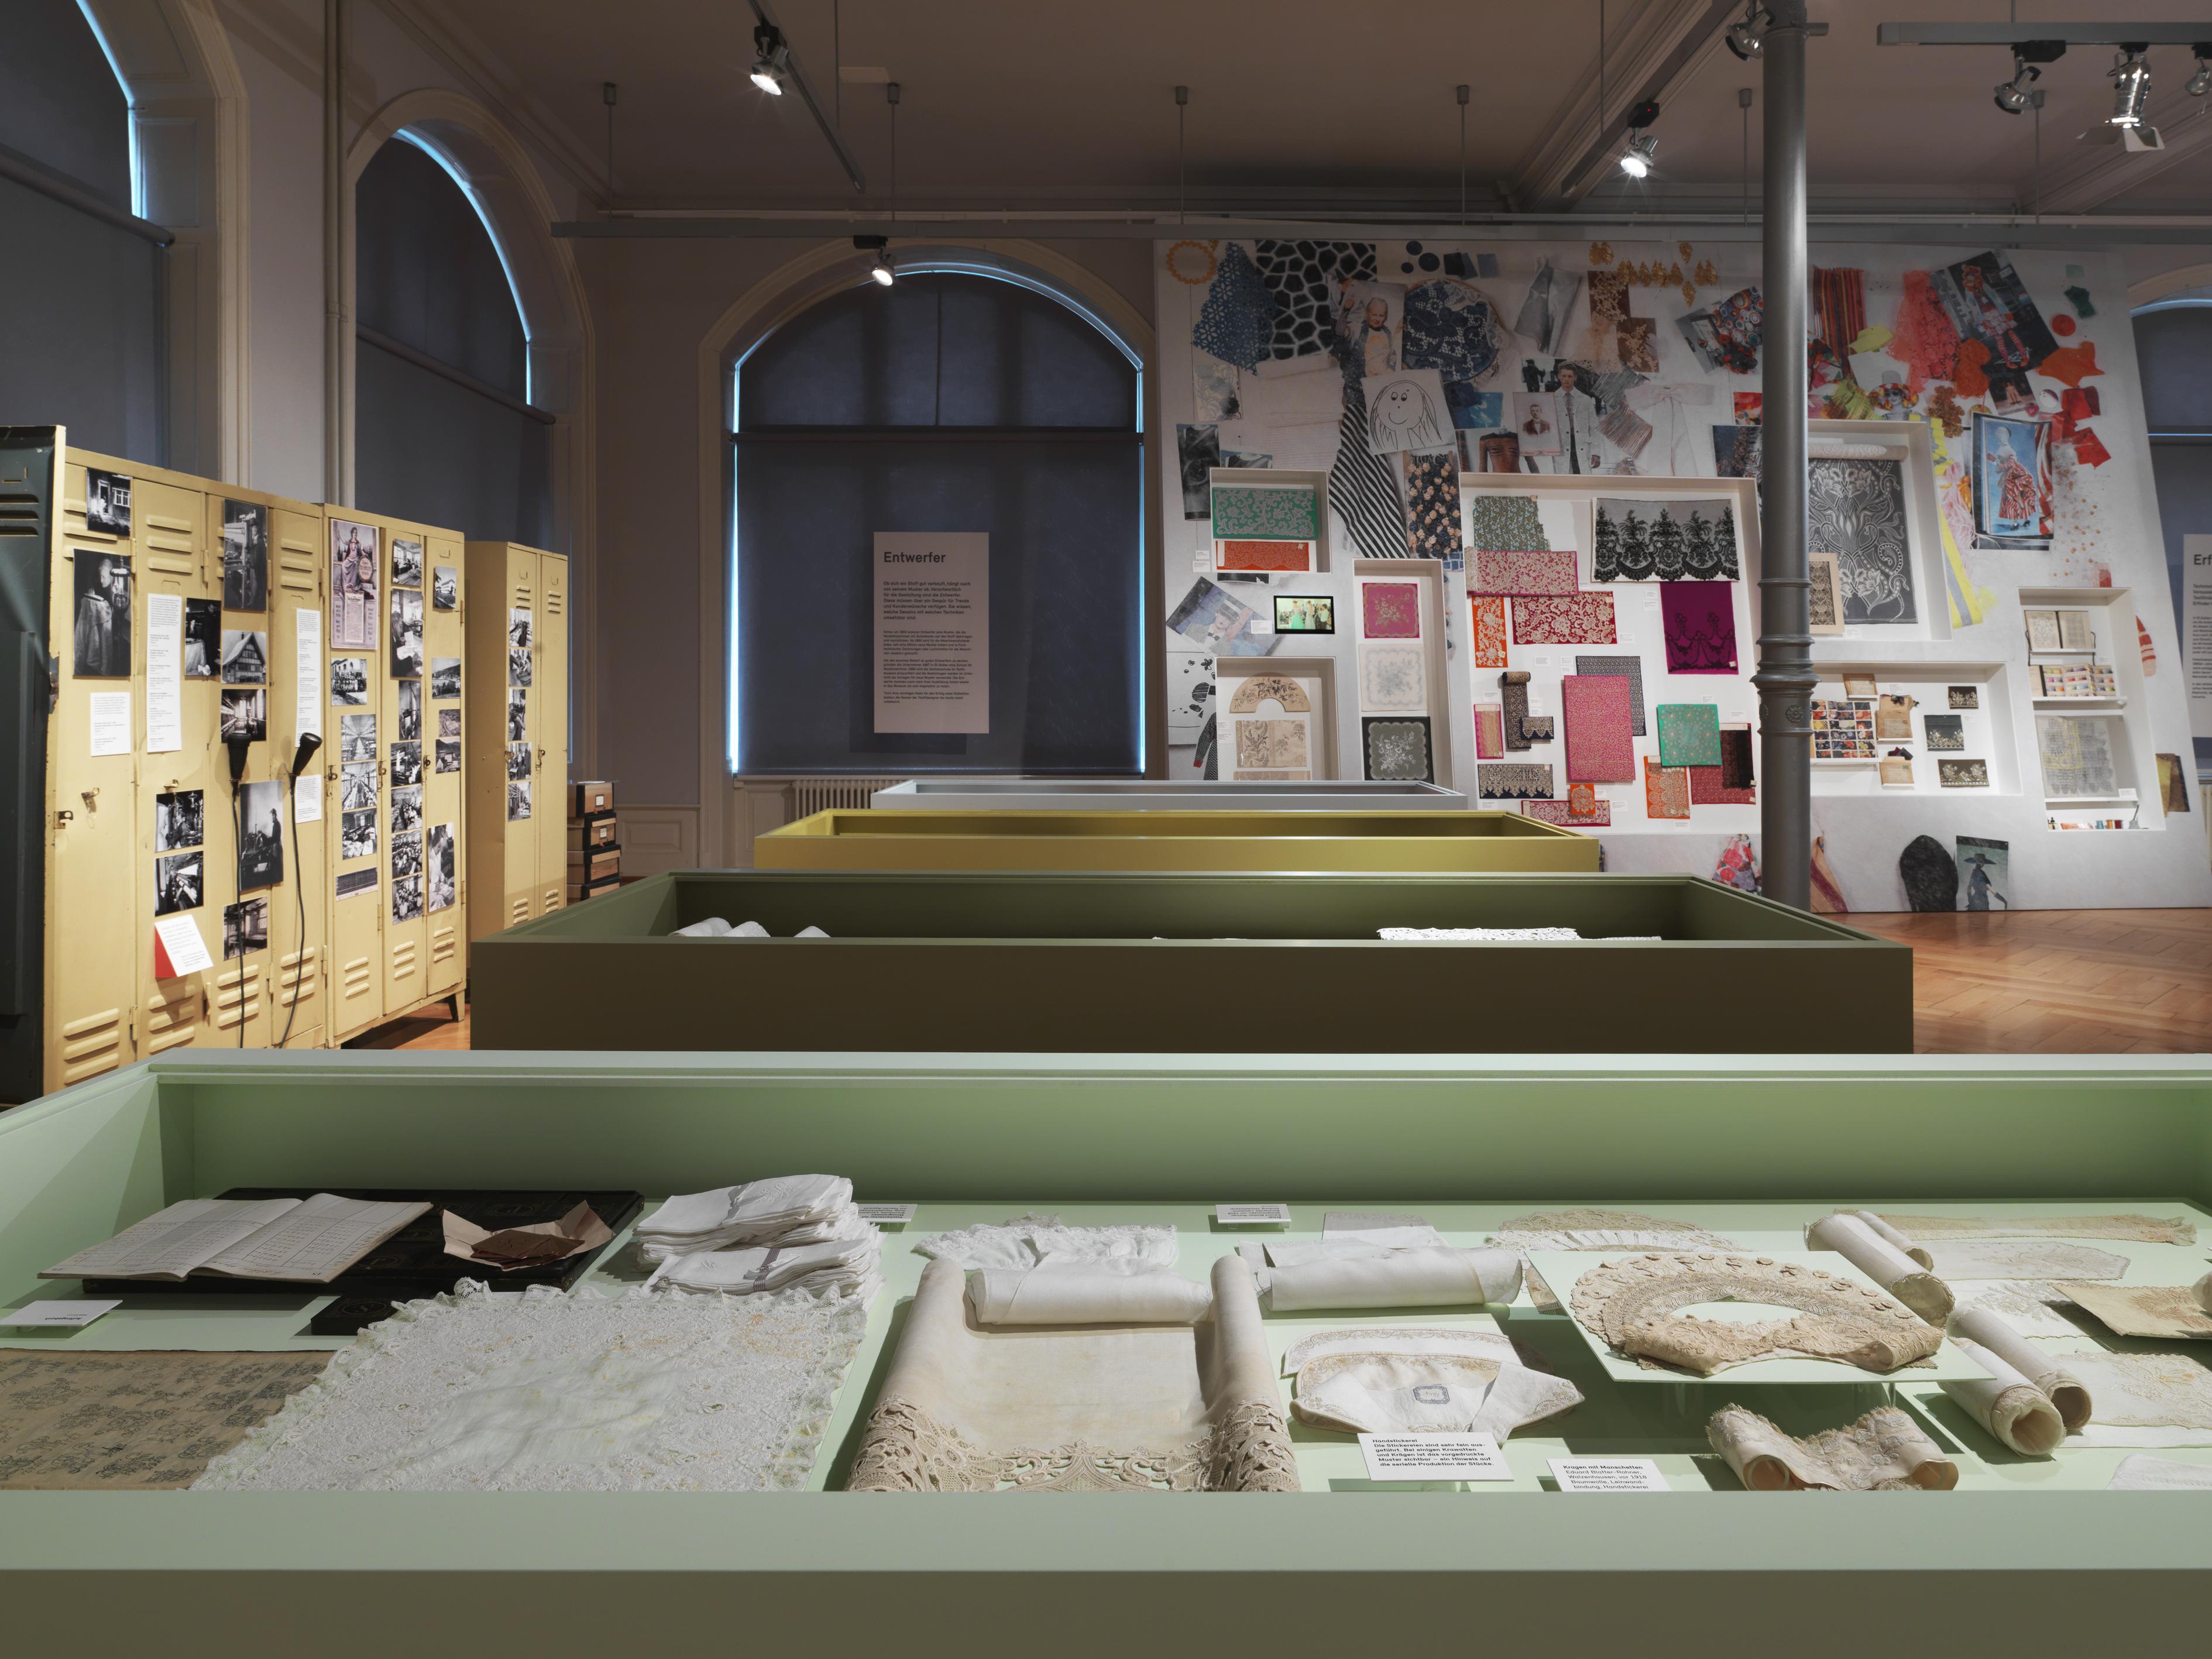 Szenografie-Ausstellungsgestaltung-Textil-Moodboard-Vitrinen-Bernhard Duss